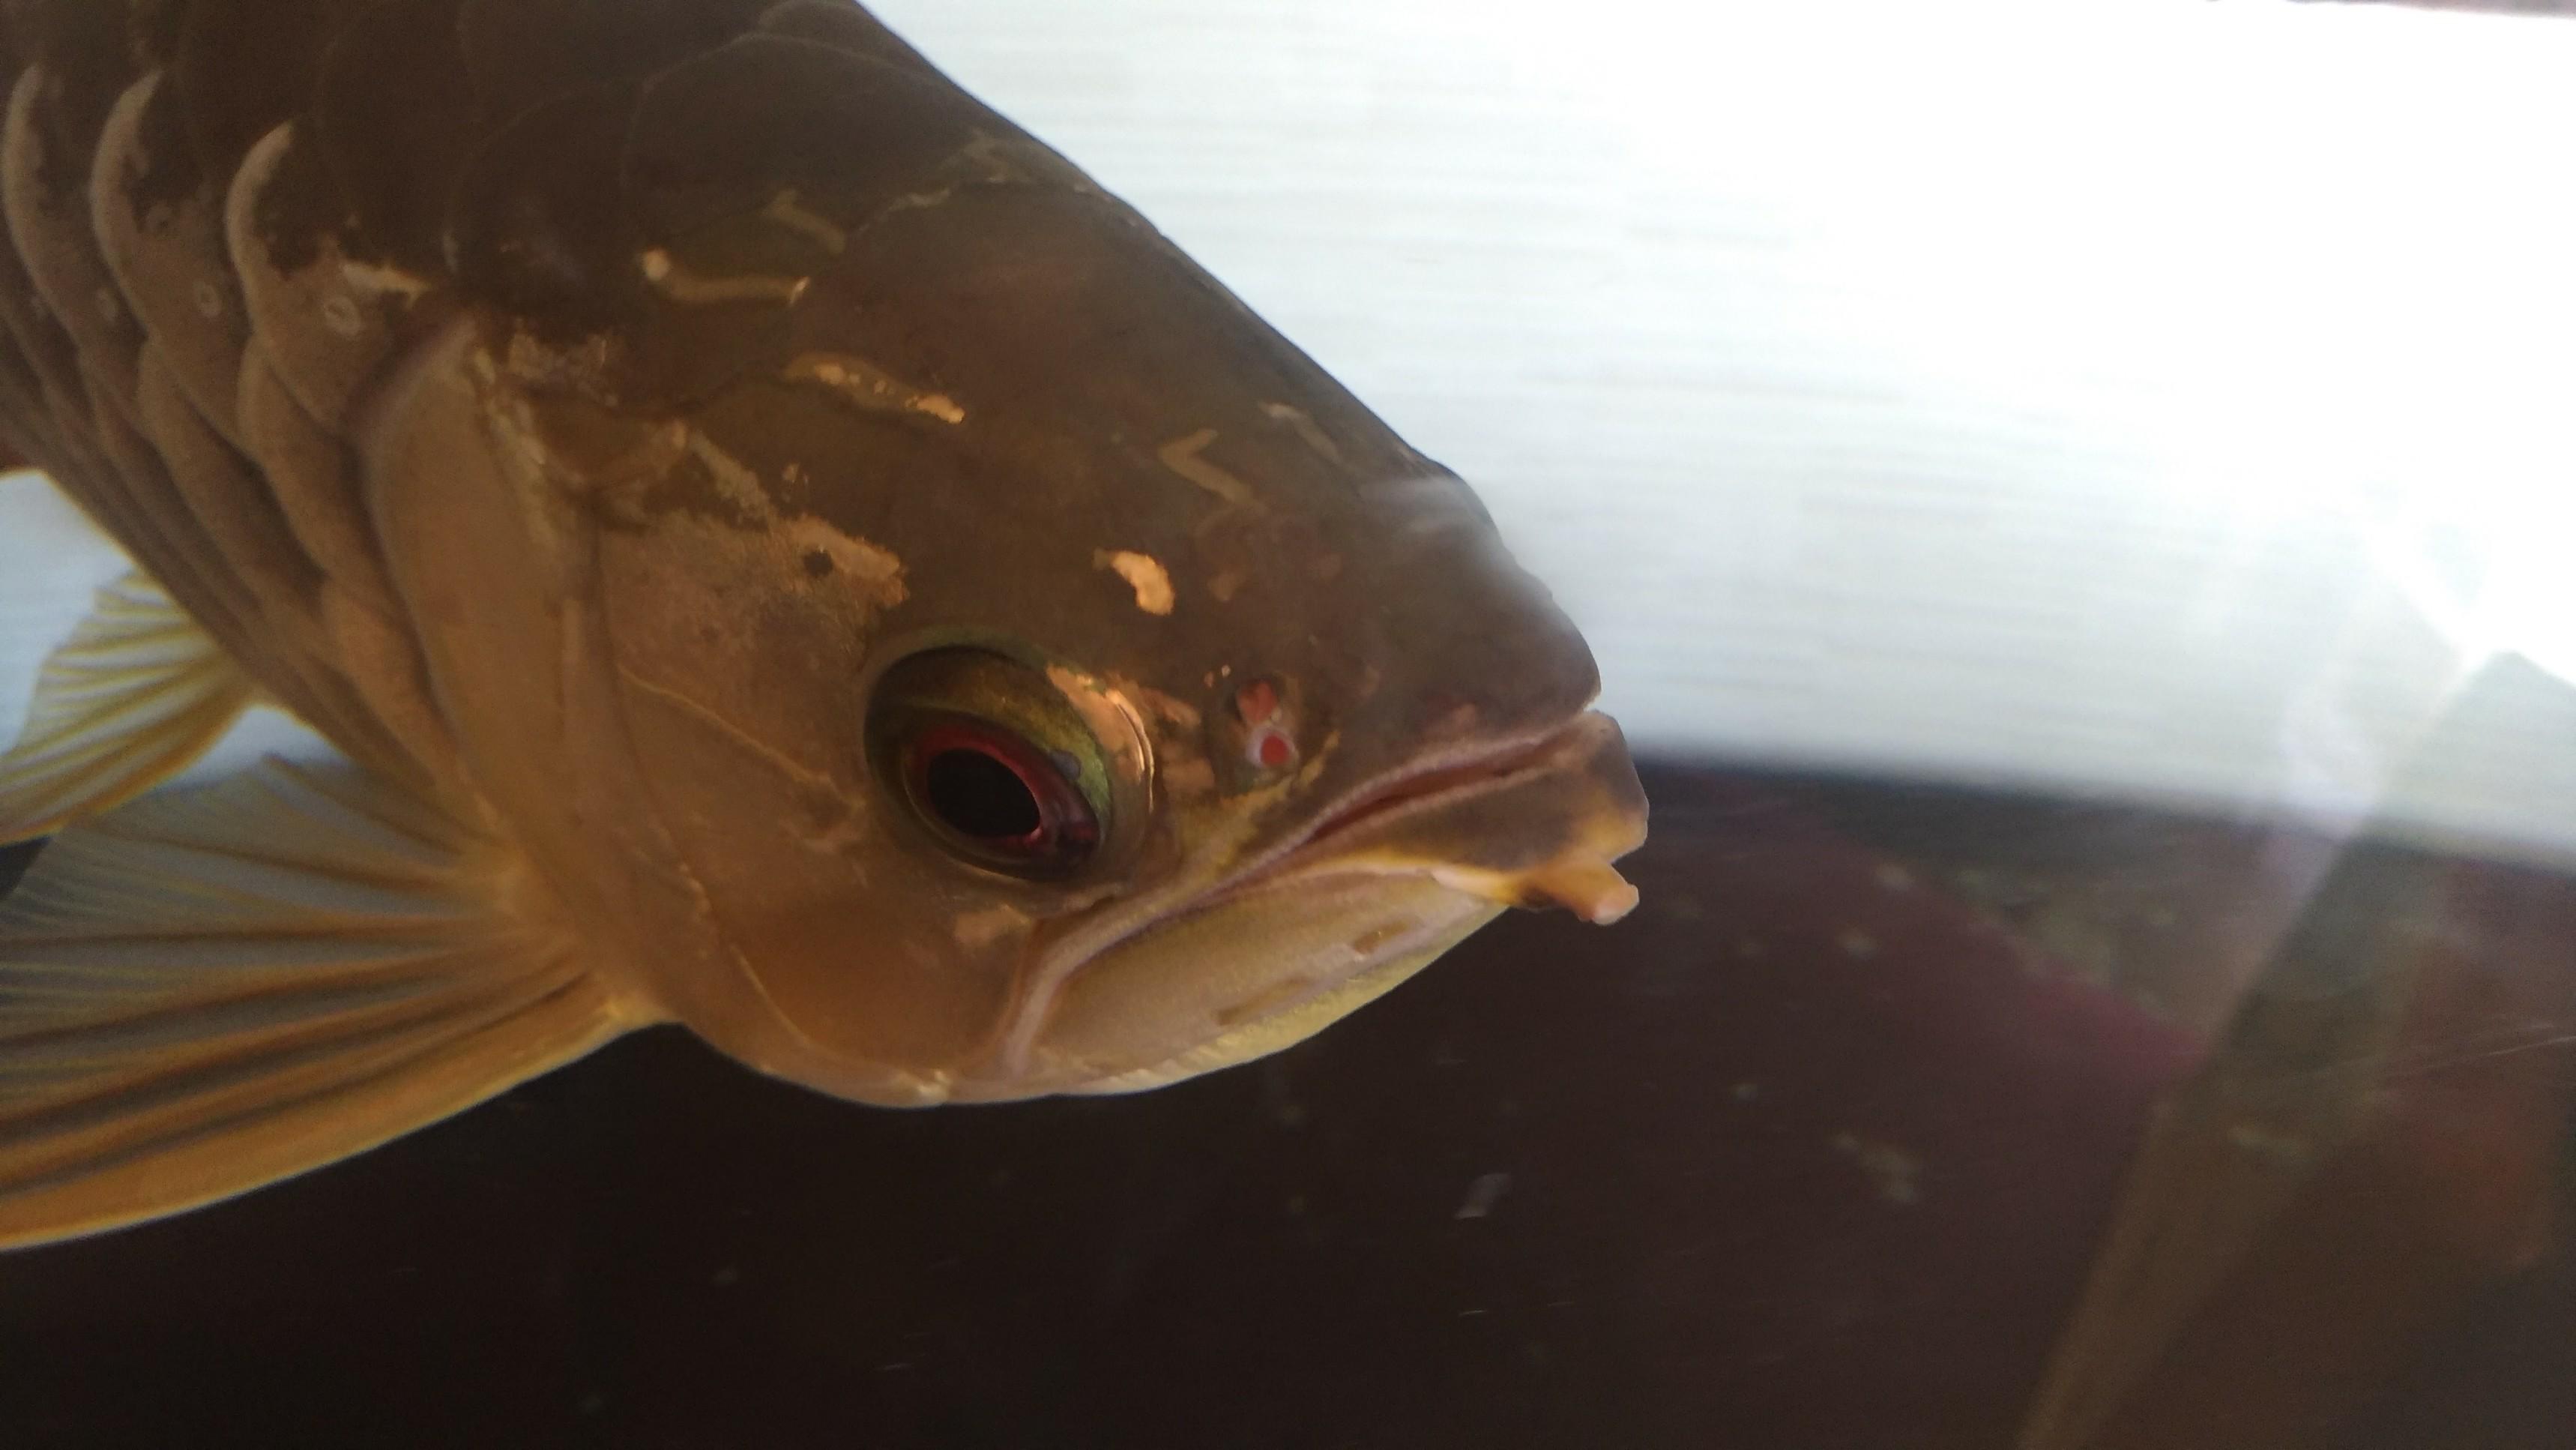 【超悲報】アジアアロワナのヒゲが両方とも完全に切れる